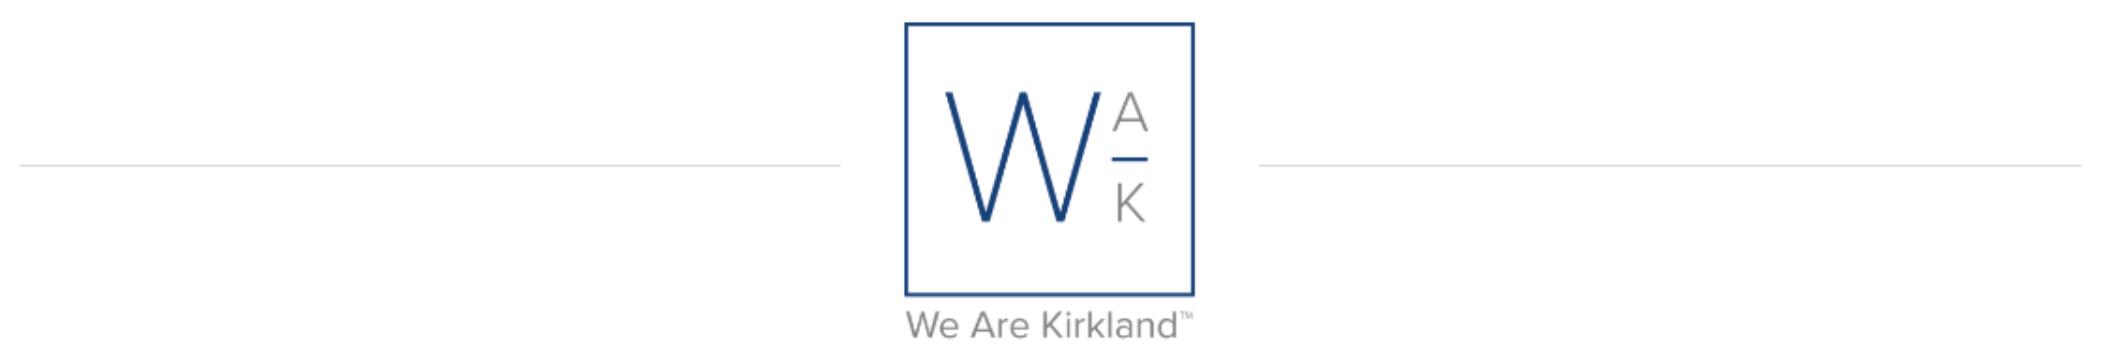 WAK Banner